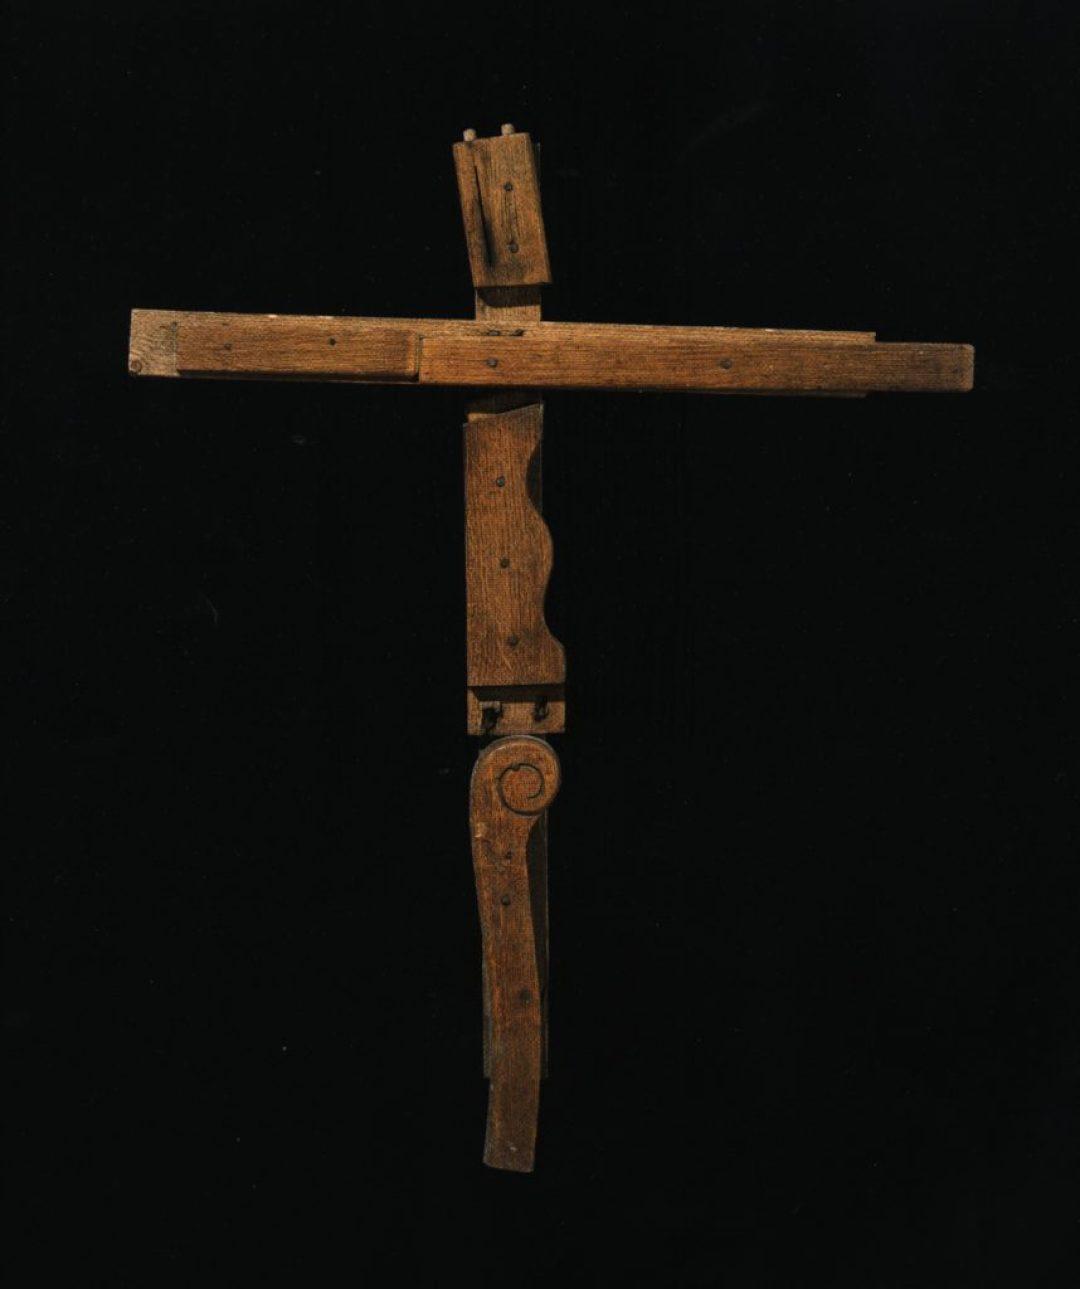 Jean-Pol Godart, sans titre, entre 1994 et 2004, bois et métal (photo Prodia)